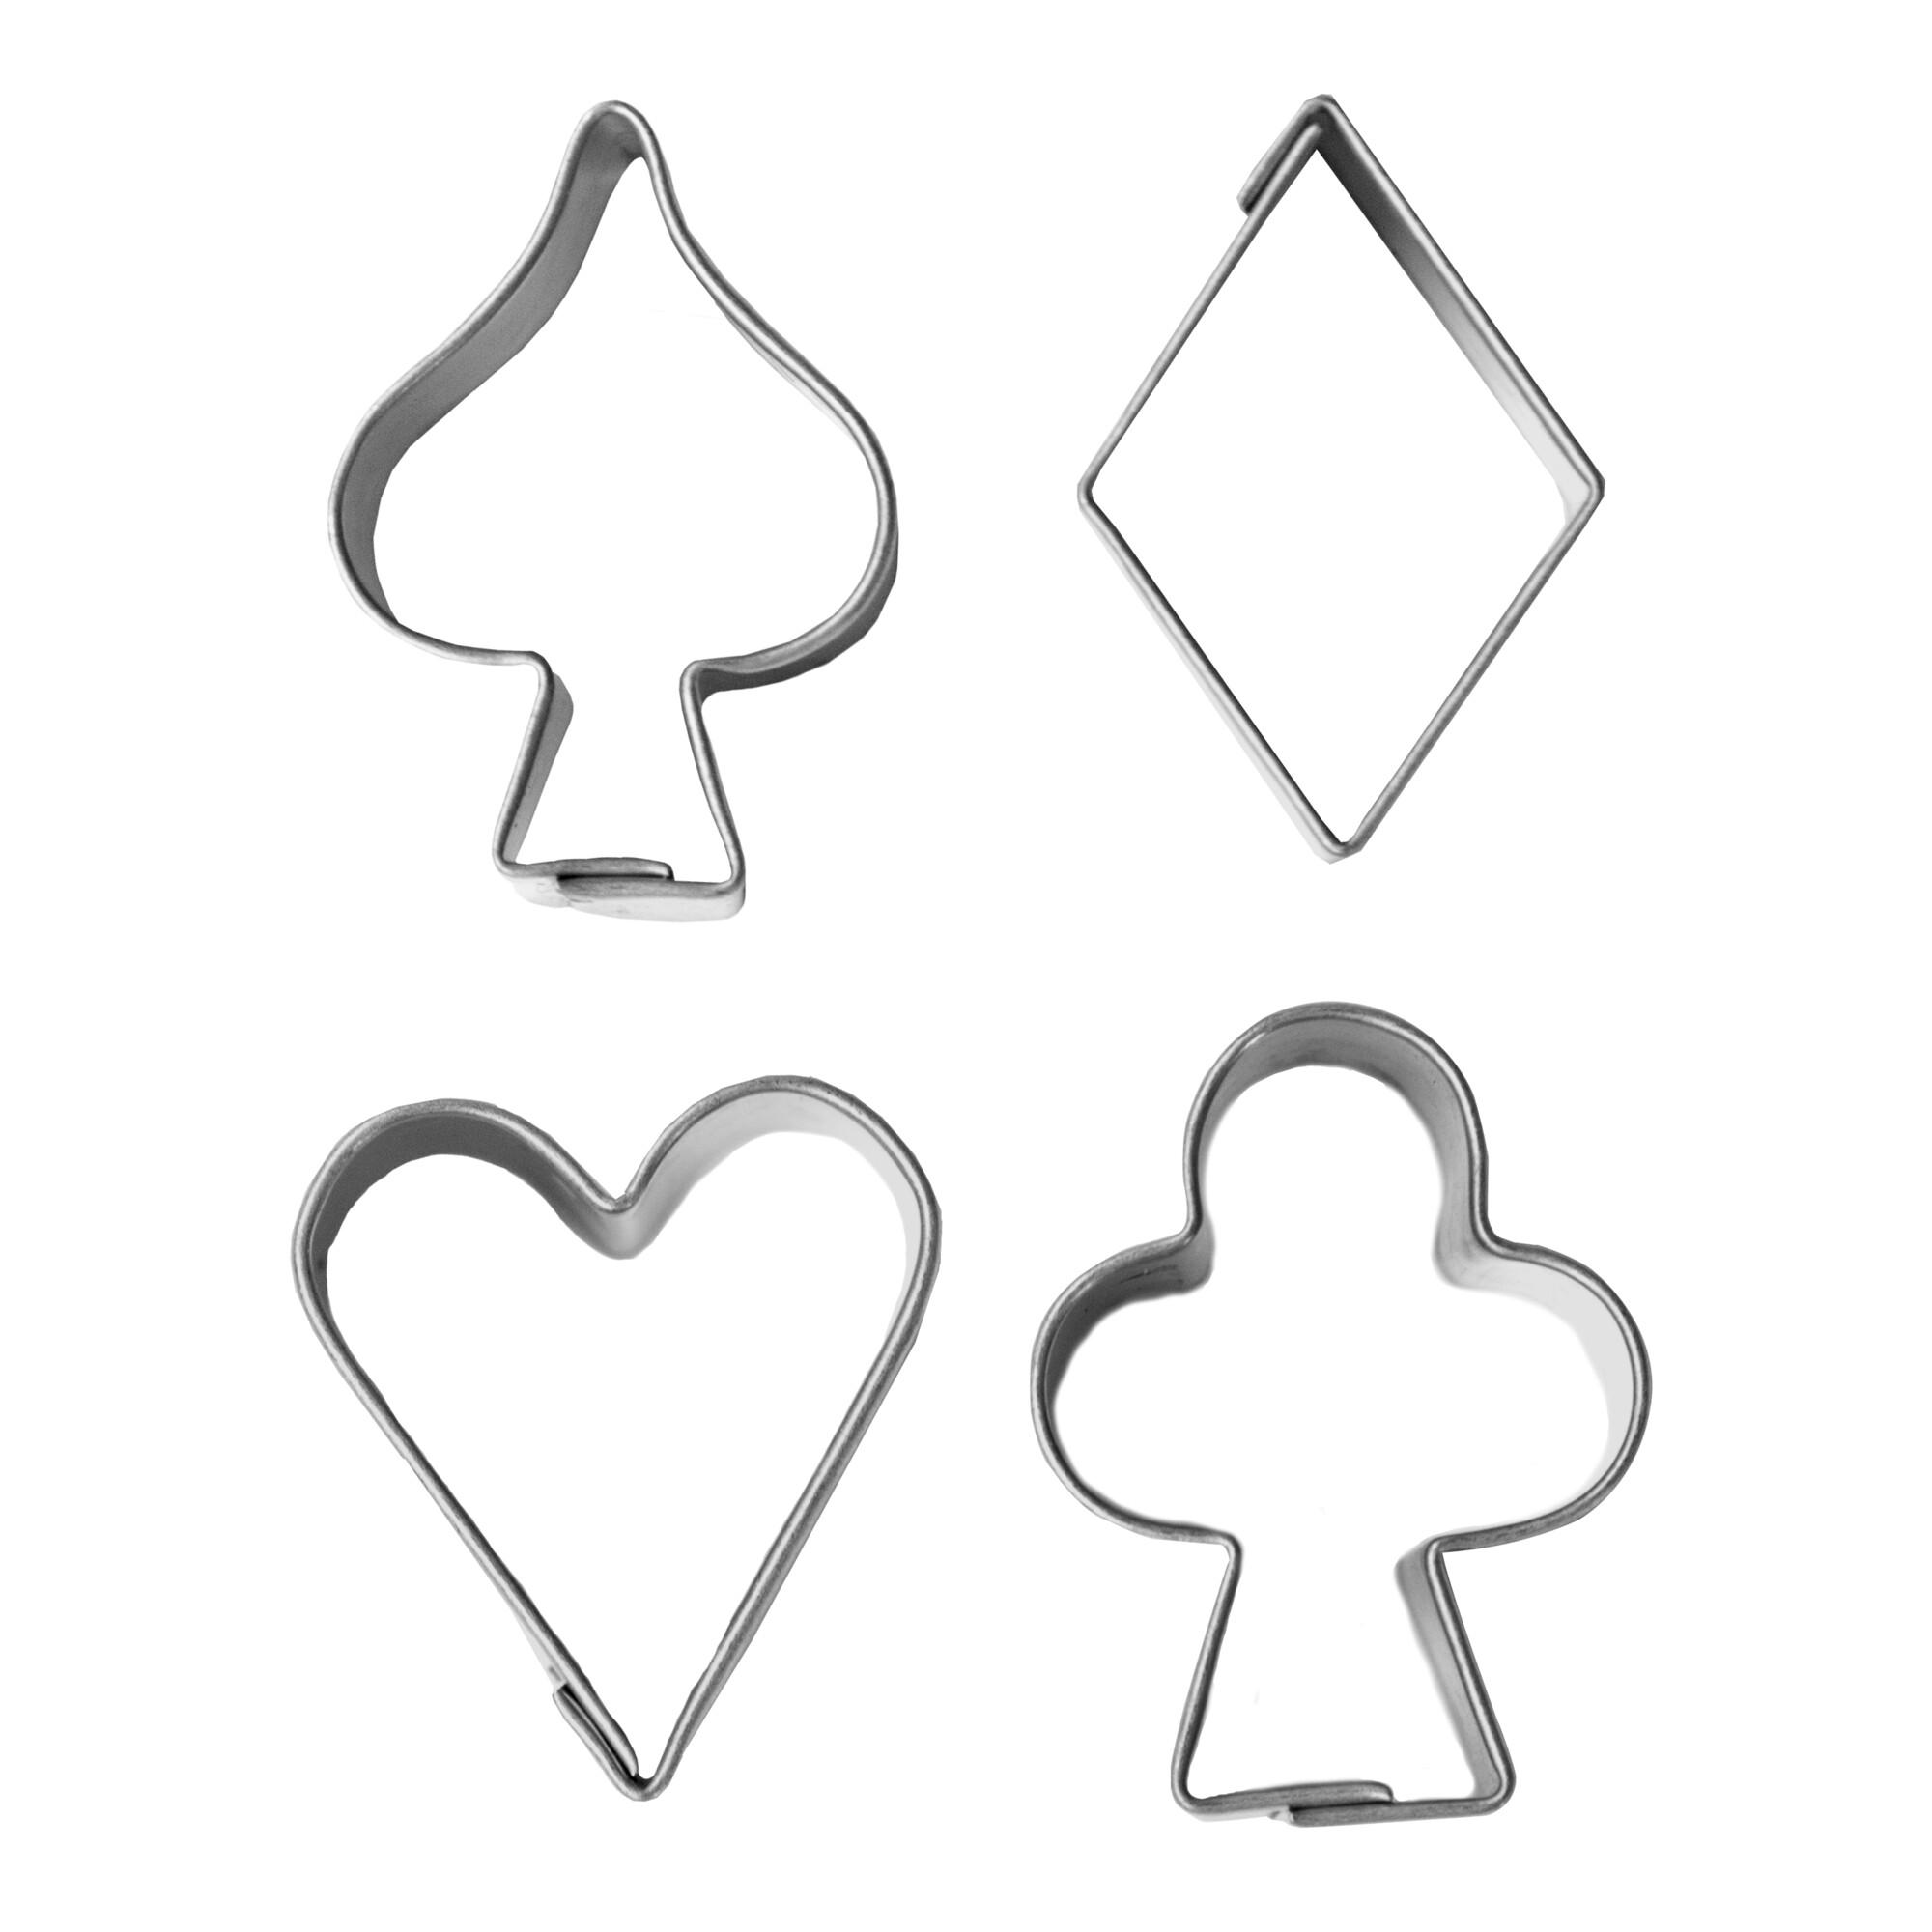 Ausstecher - Spielkarten-Symbole - Set, 4-teilig